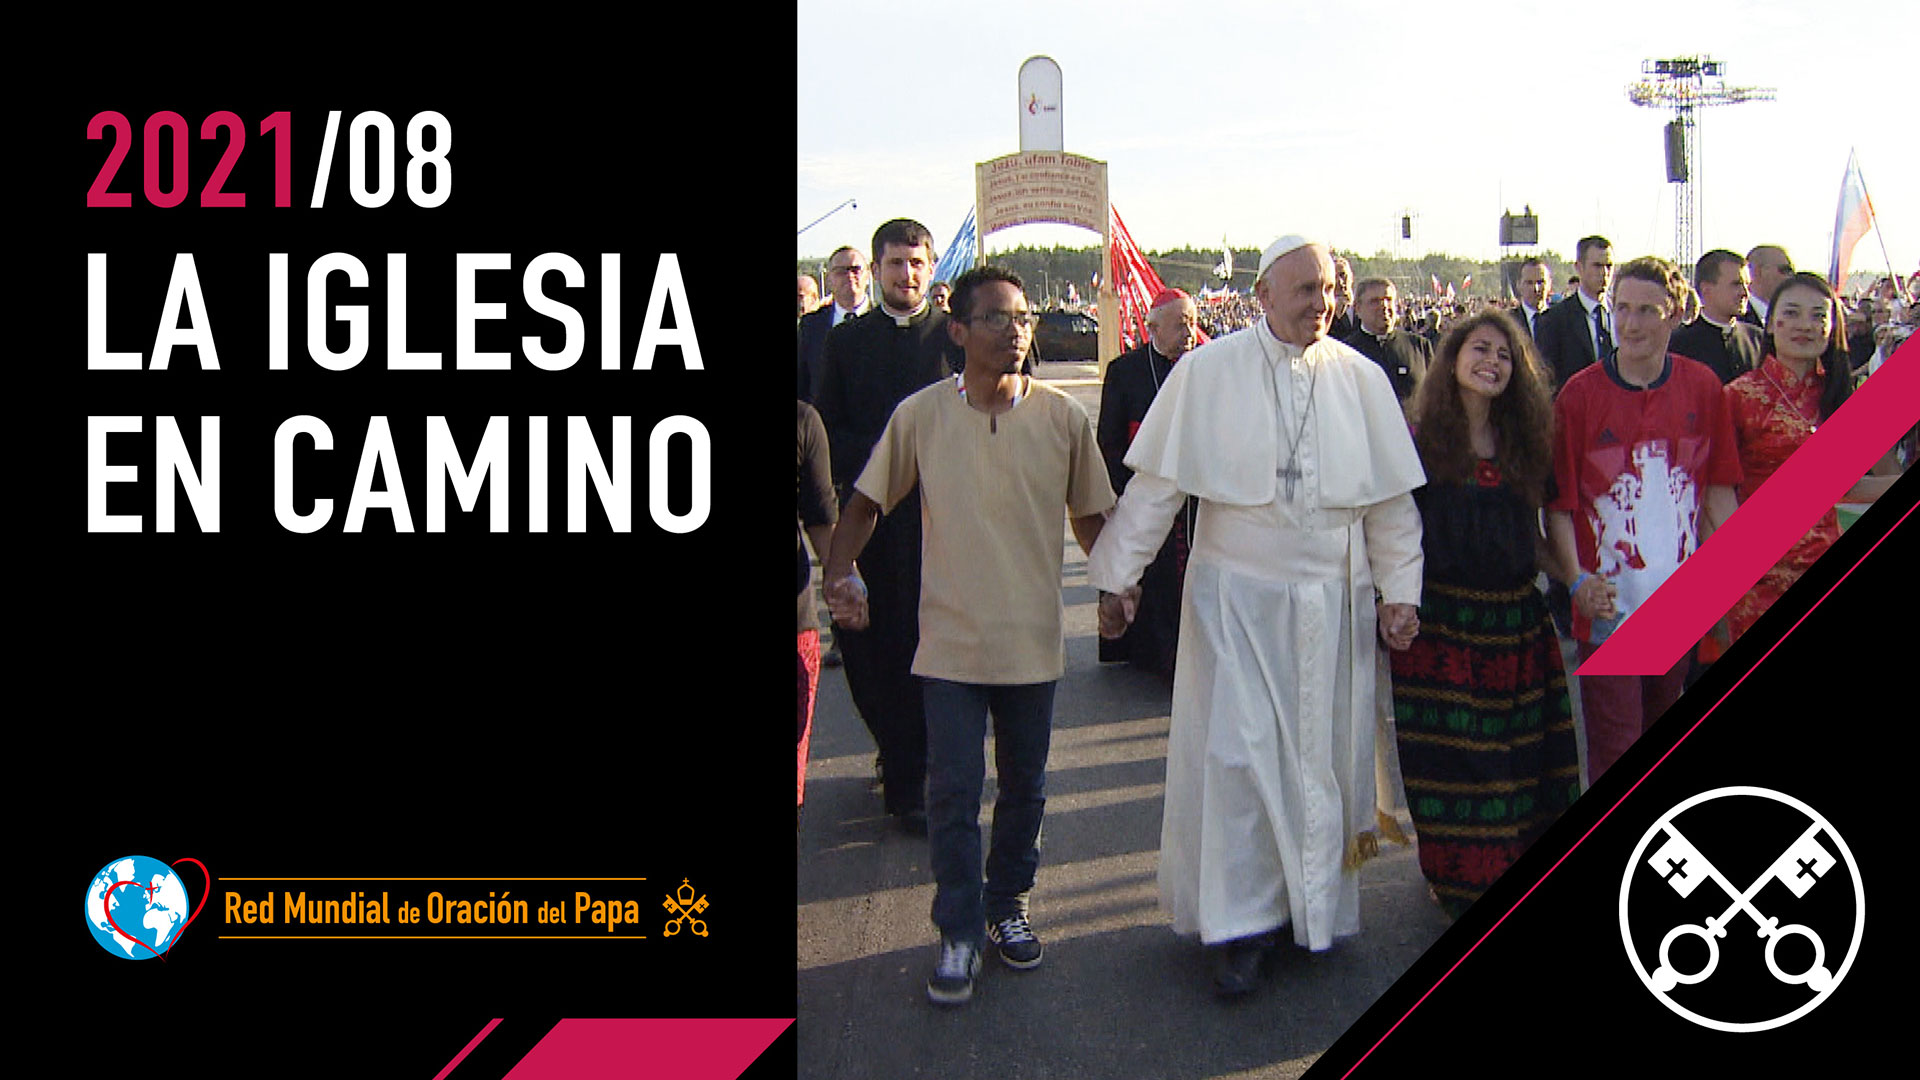 La Iglesia en camino – El Video del Papa